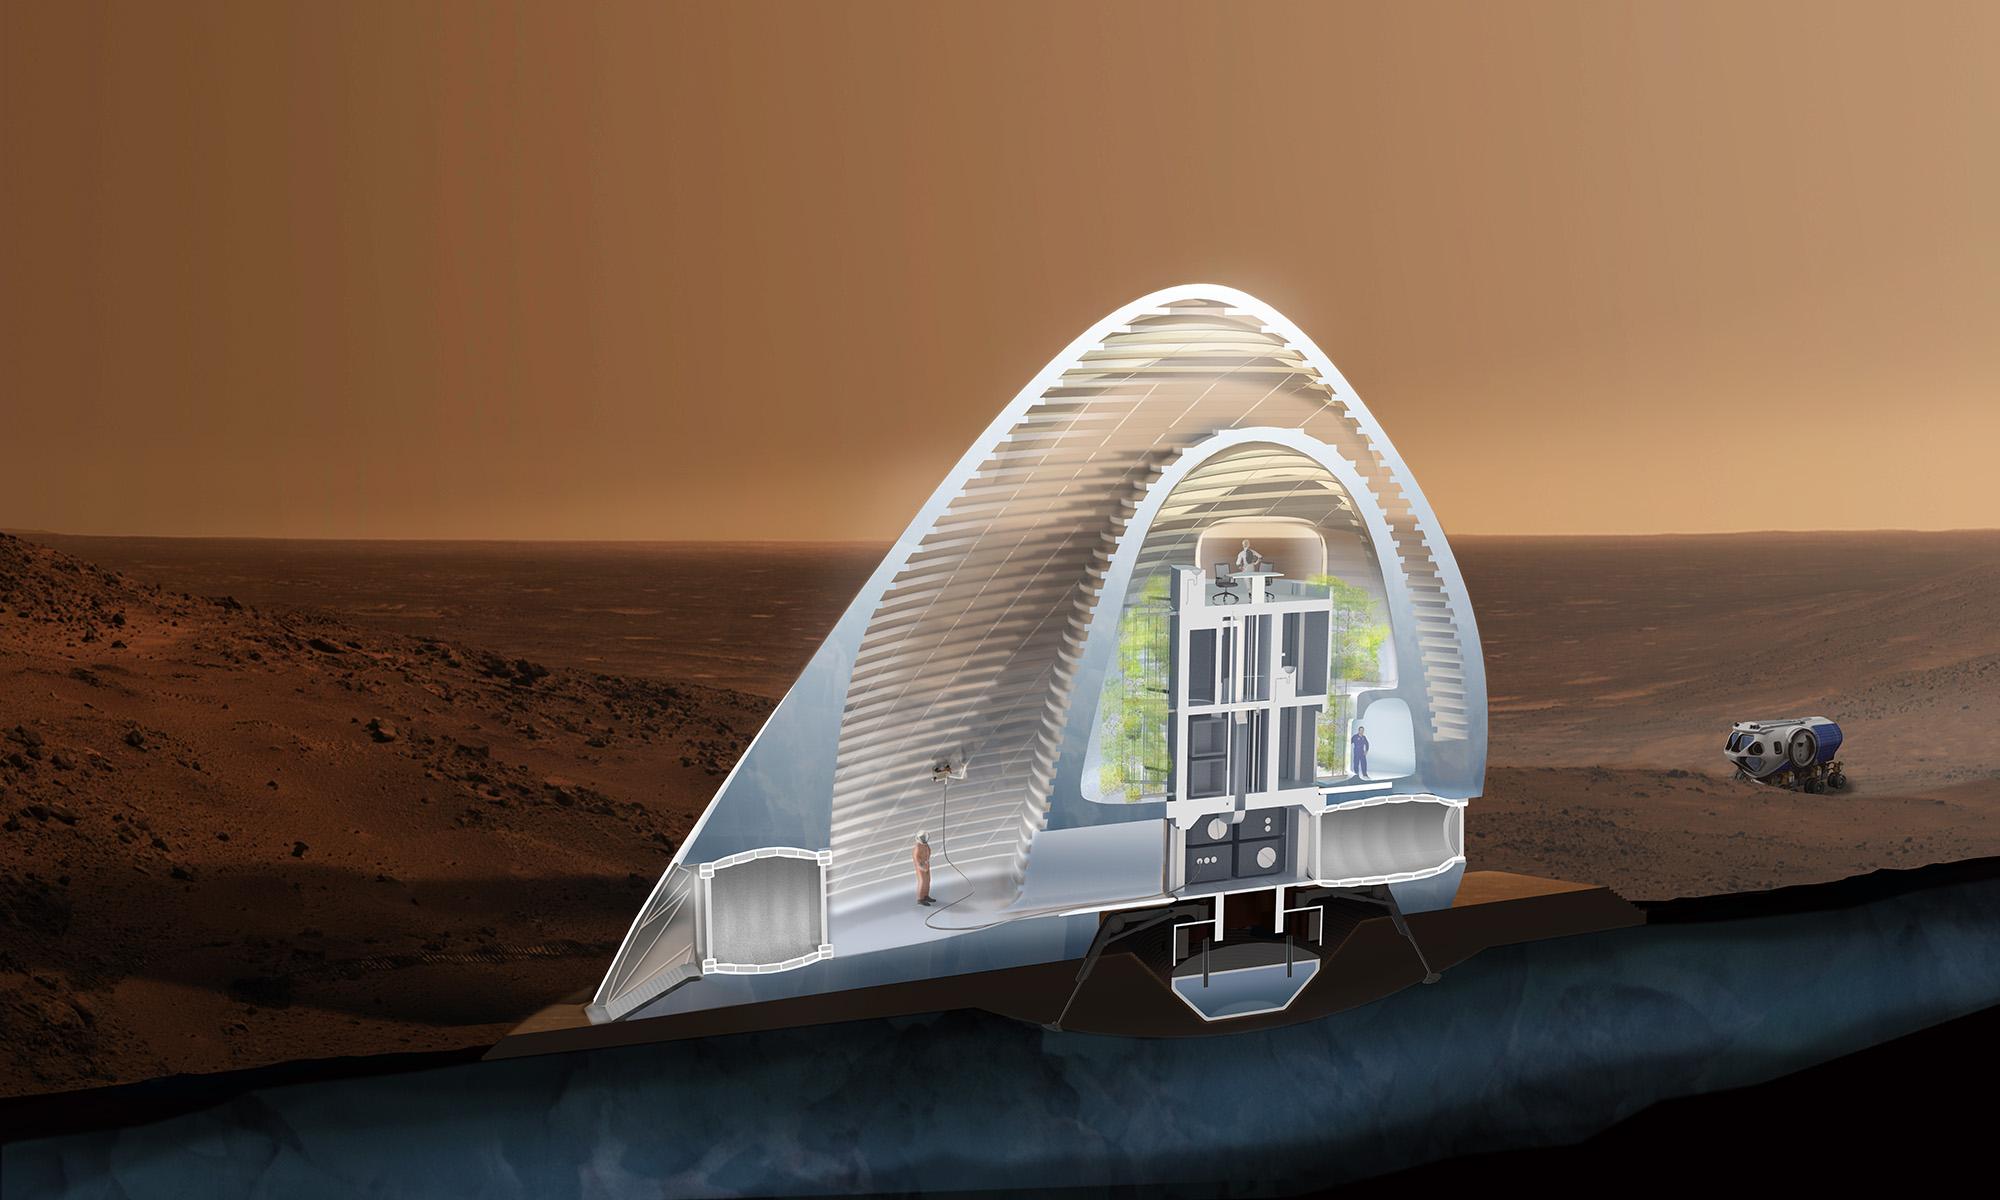 Mars-Ice-House_section_lr.jpg